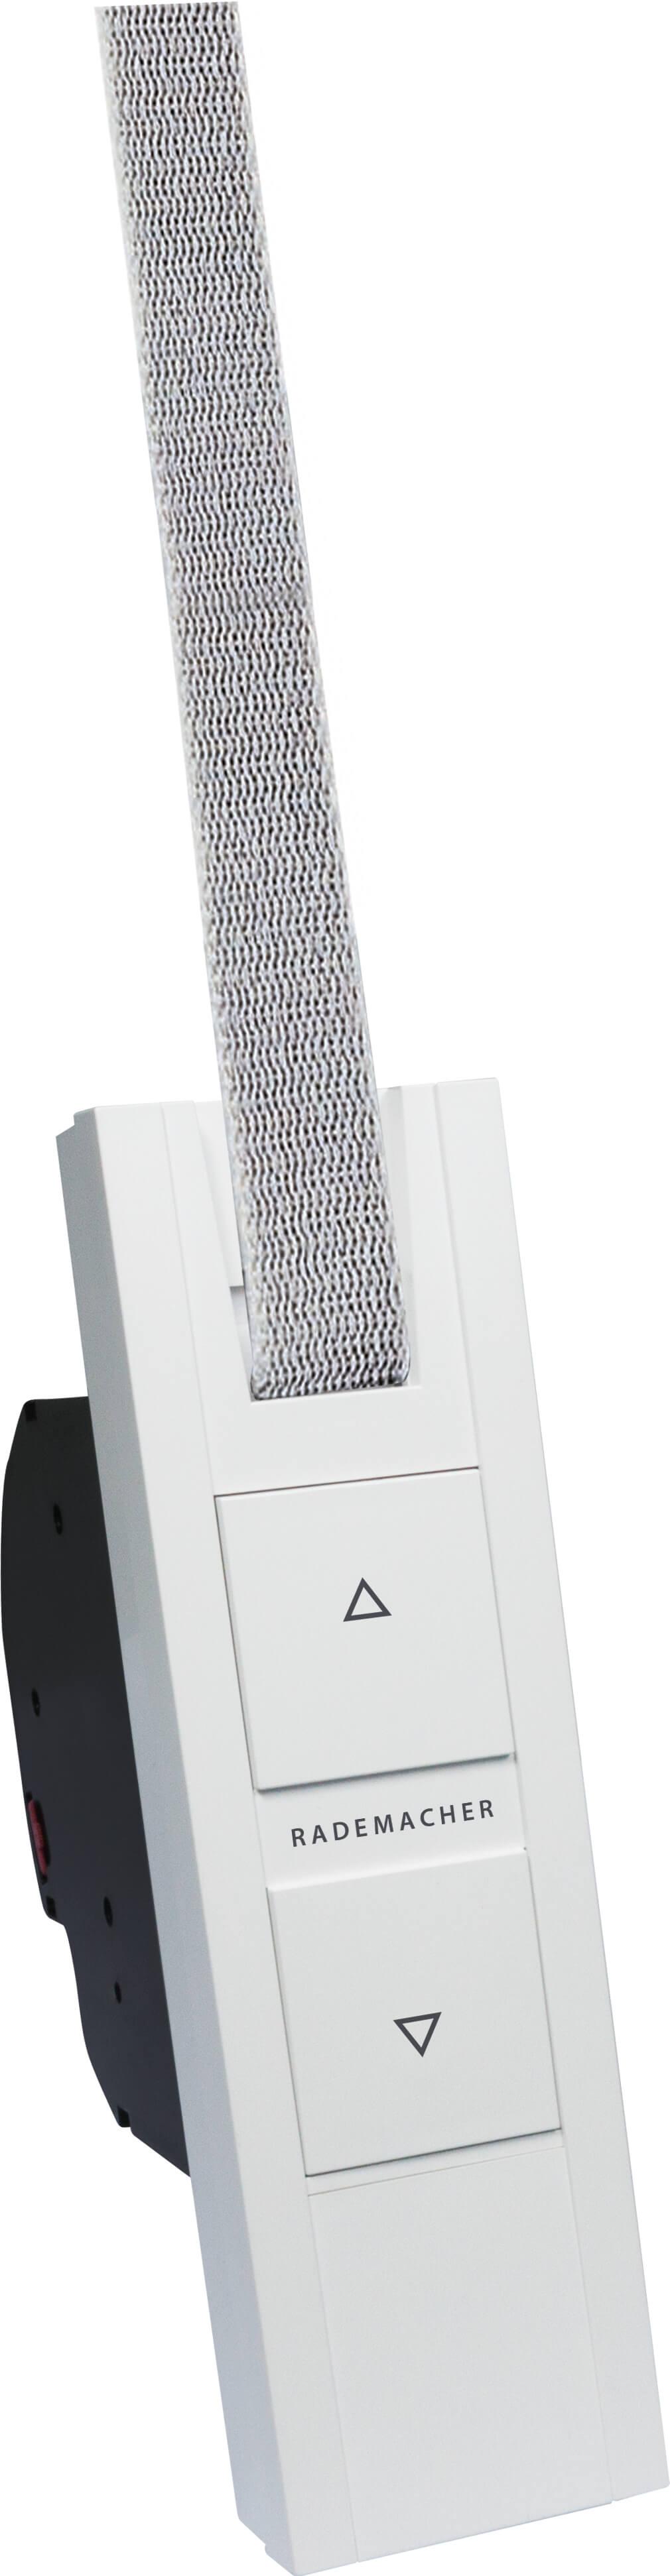 Rademacher RolloTron Basis DuoFern 1200 | elektischer Gurtwickler Unterputz, für Maxi-Gurte (23 mm)